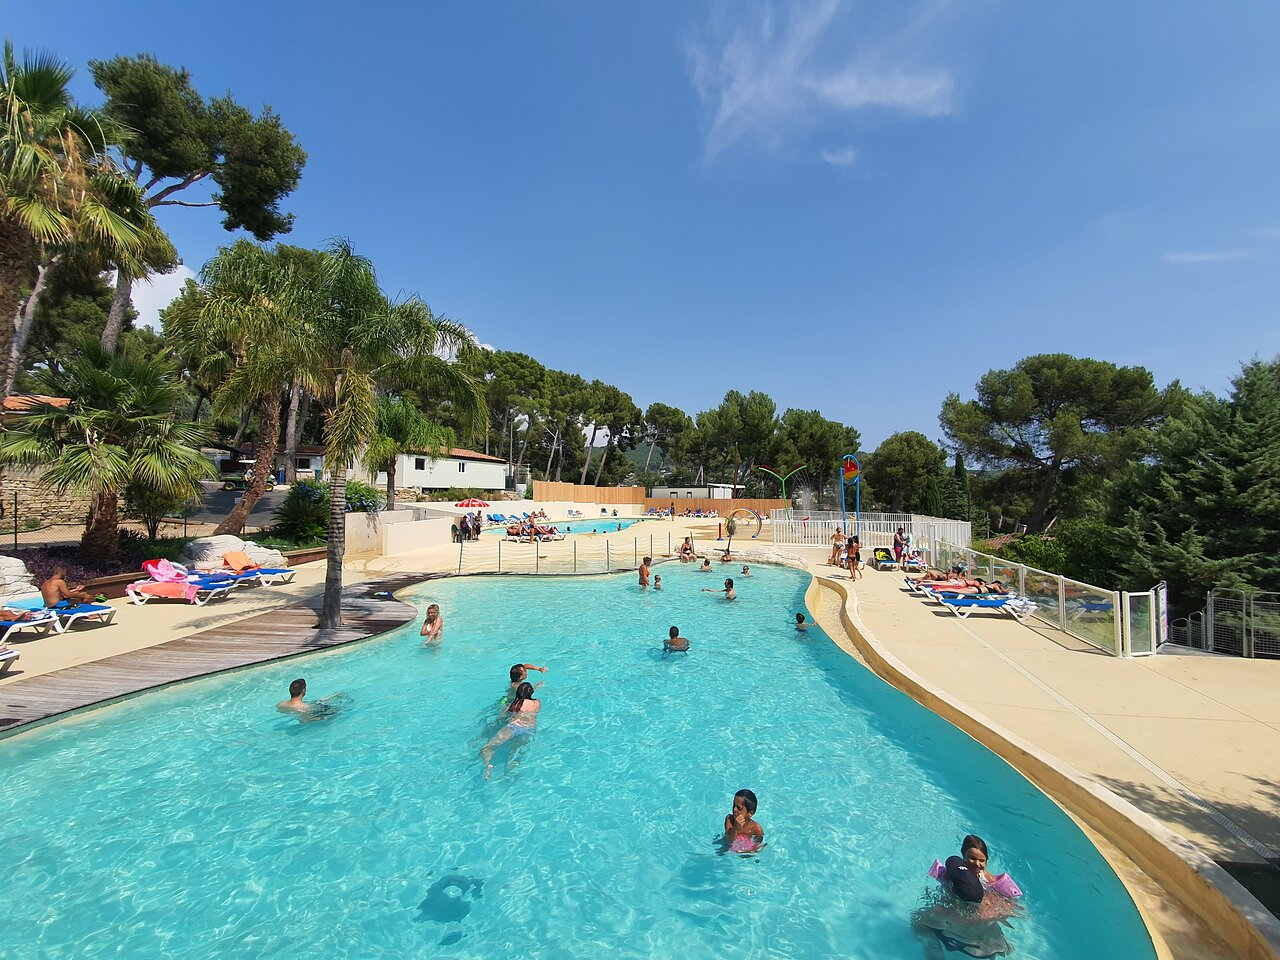 Camping De Ceyreste (France) - Tarifs 2021 Mis À Jour Et ... concernant Camping Marseille Avec Piscine